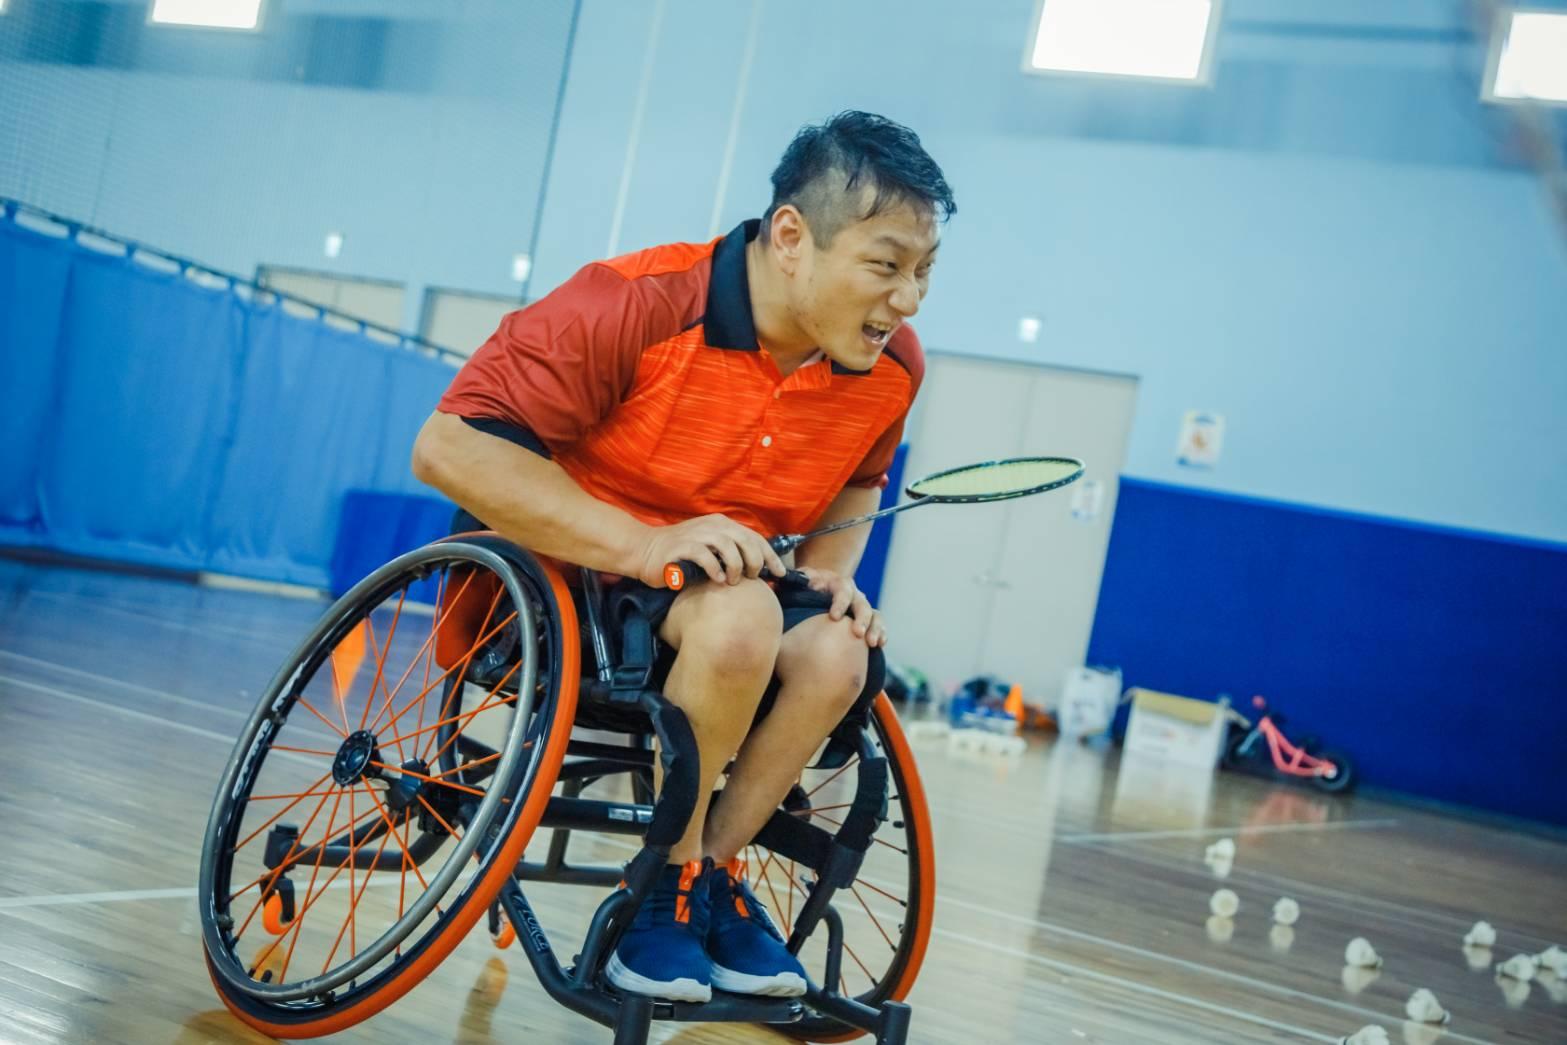 王柏翔幾乎喜愛輪椅上所有運動